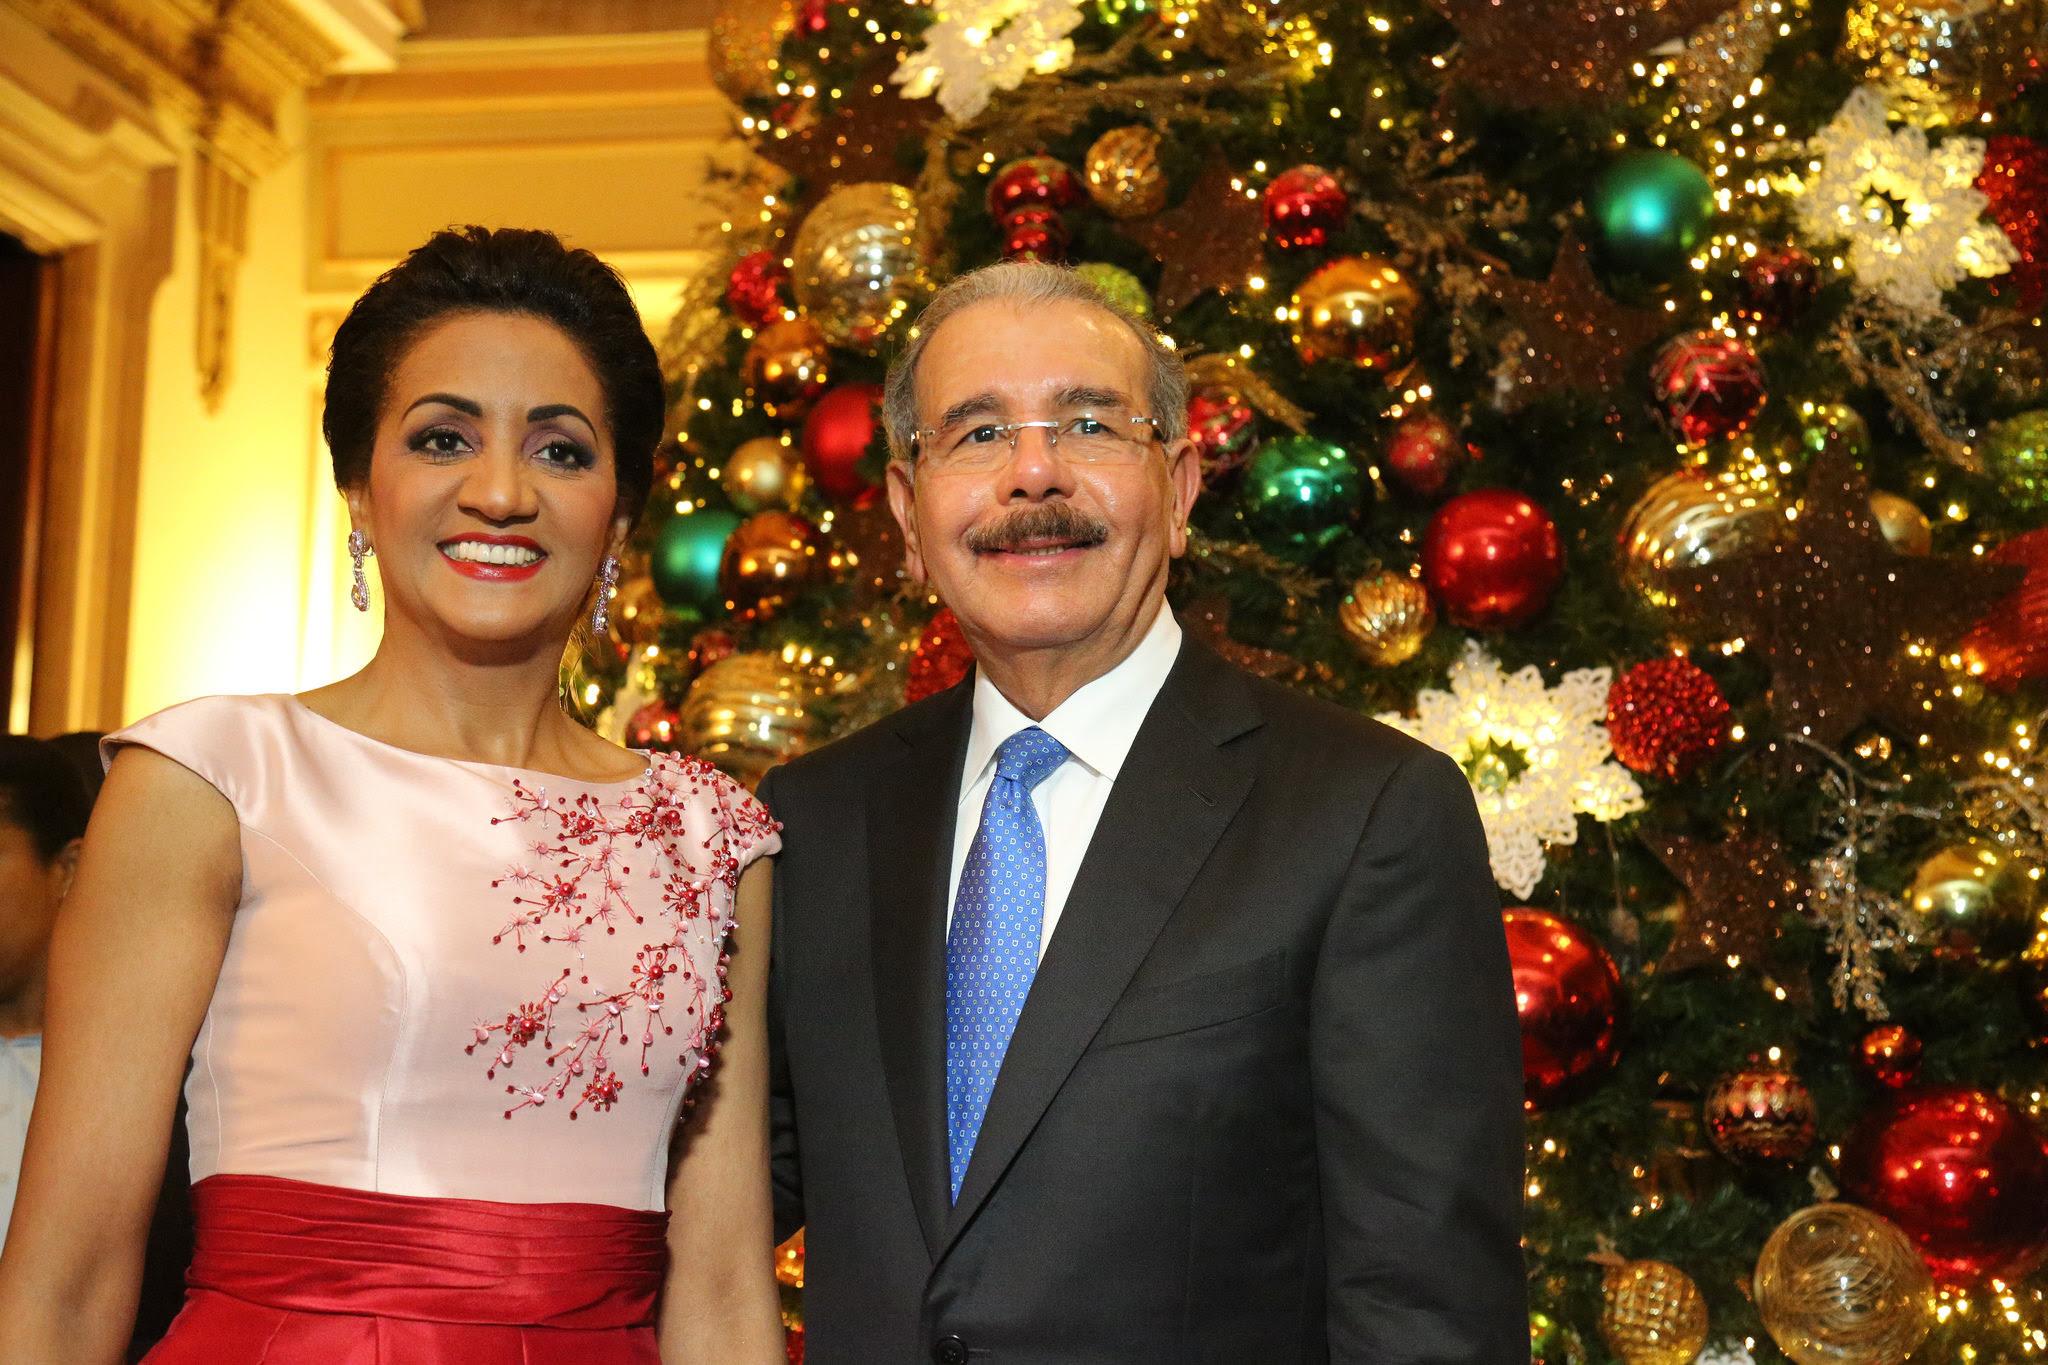 , Presidente Danilo Medina y primera dama, Cándida Montilla de Medina, encienden árbol de Navidad en Palacio Nacional